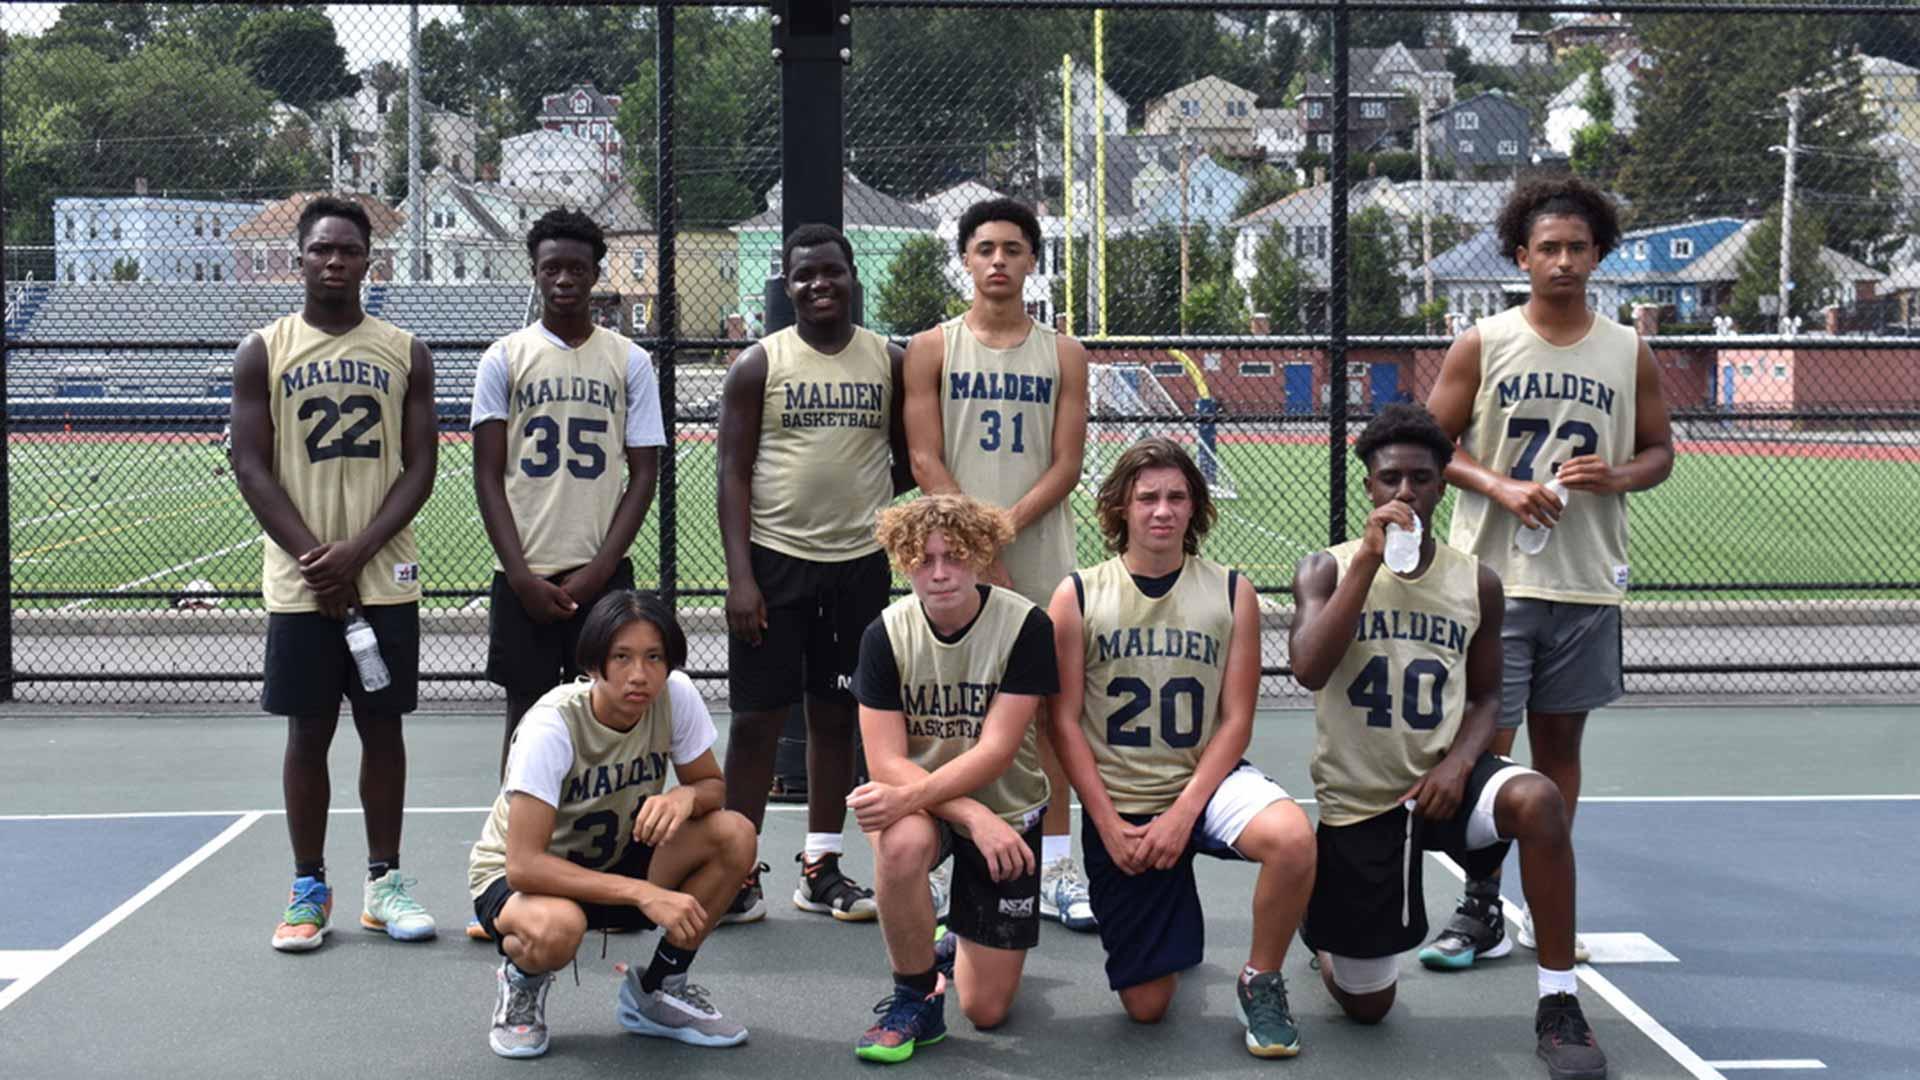 Malden-Team